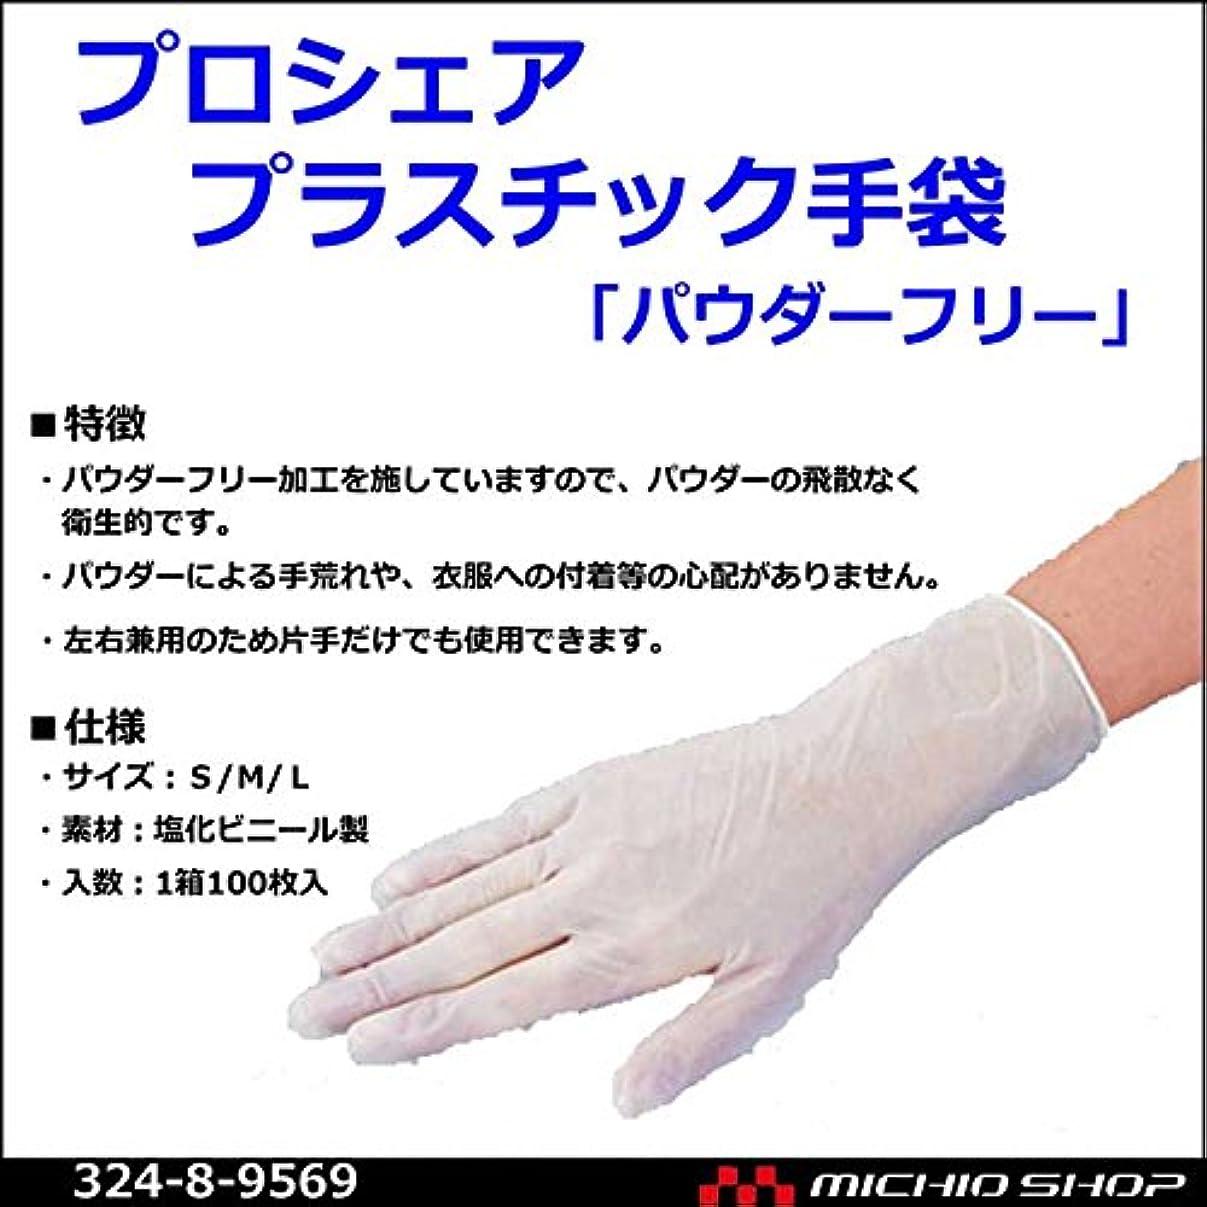 観光に行くサスペンドリストアズワン プロシェアプラスチック手袋 100枚入 8-9569 03 S